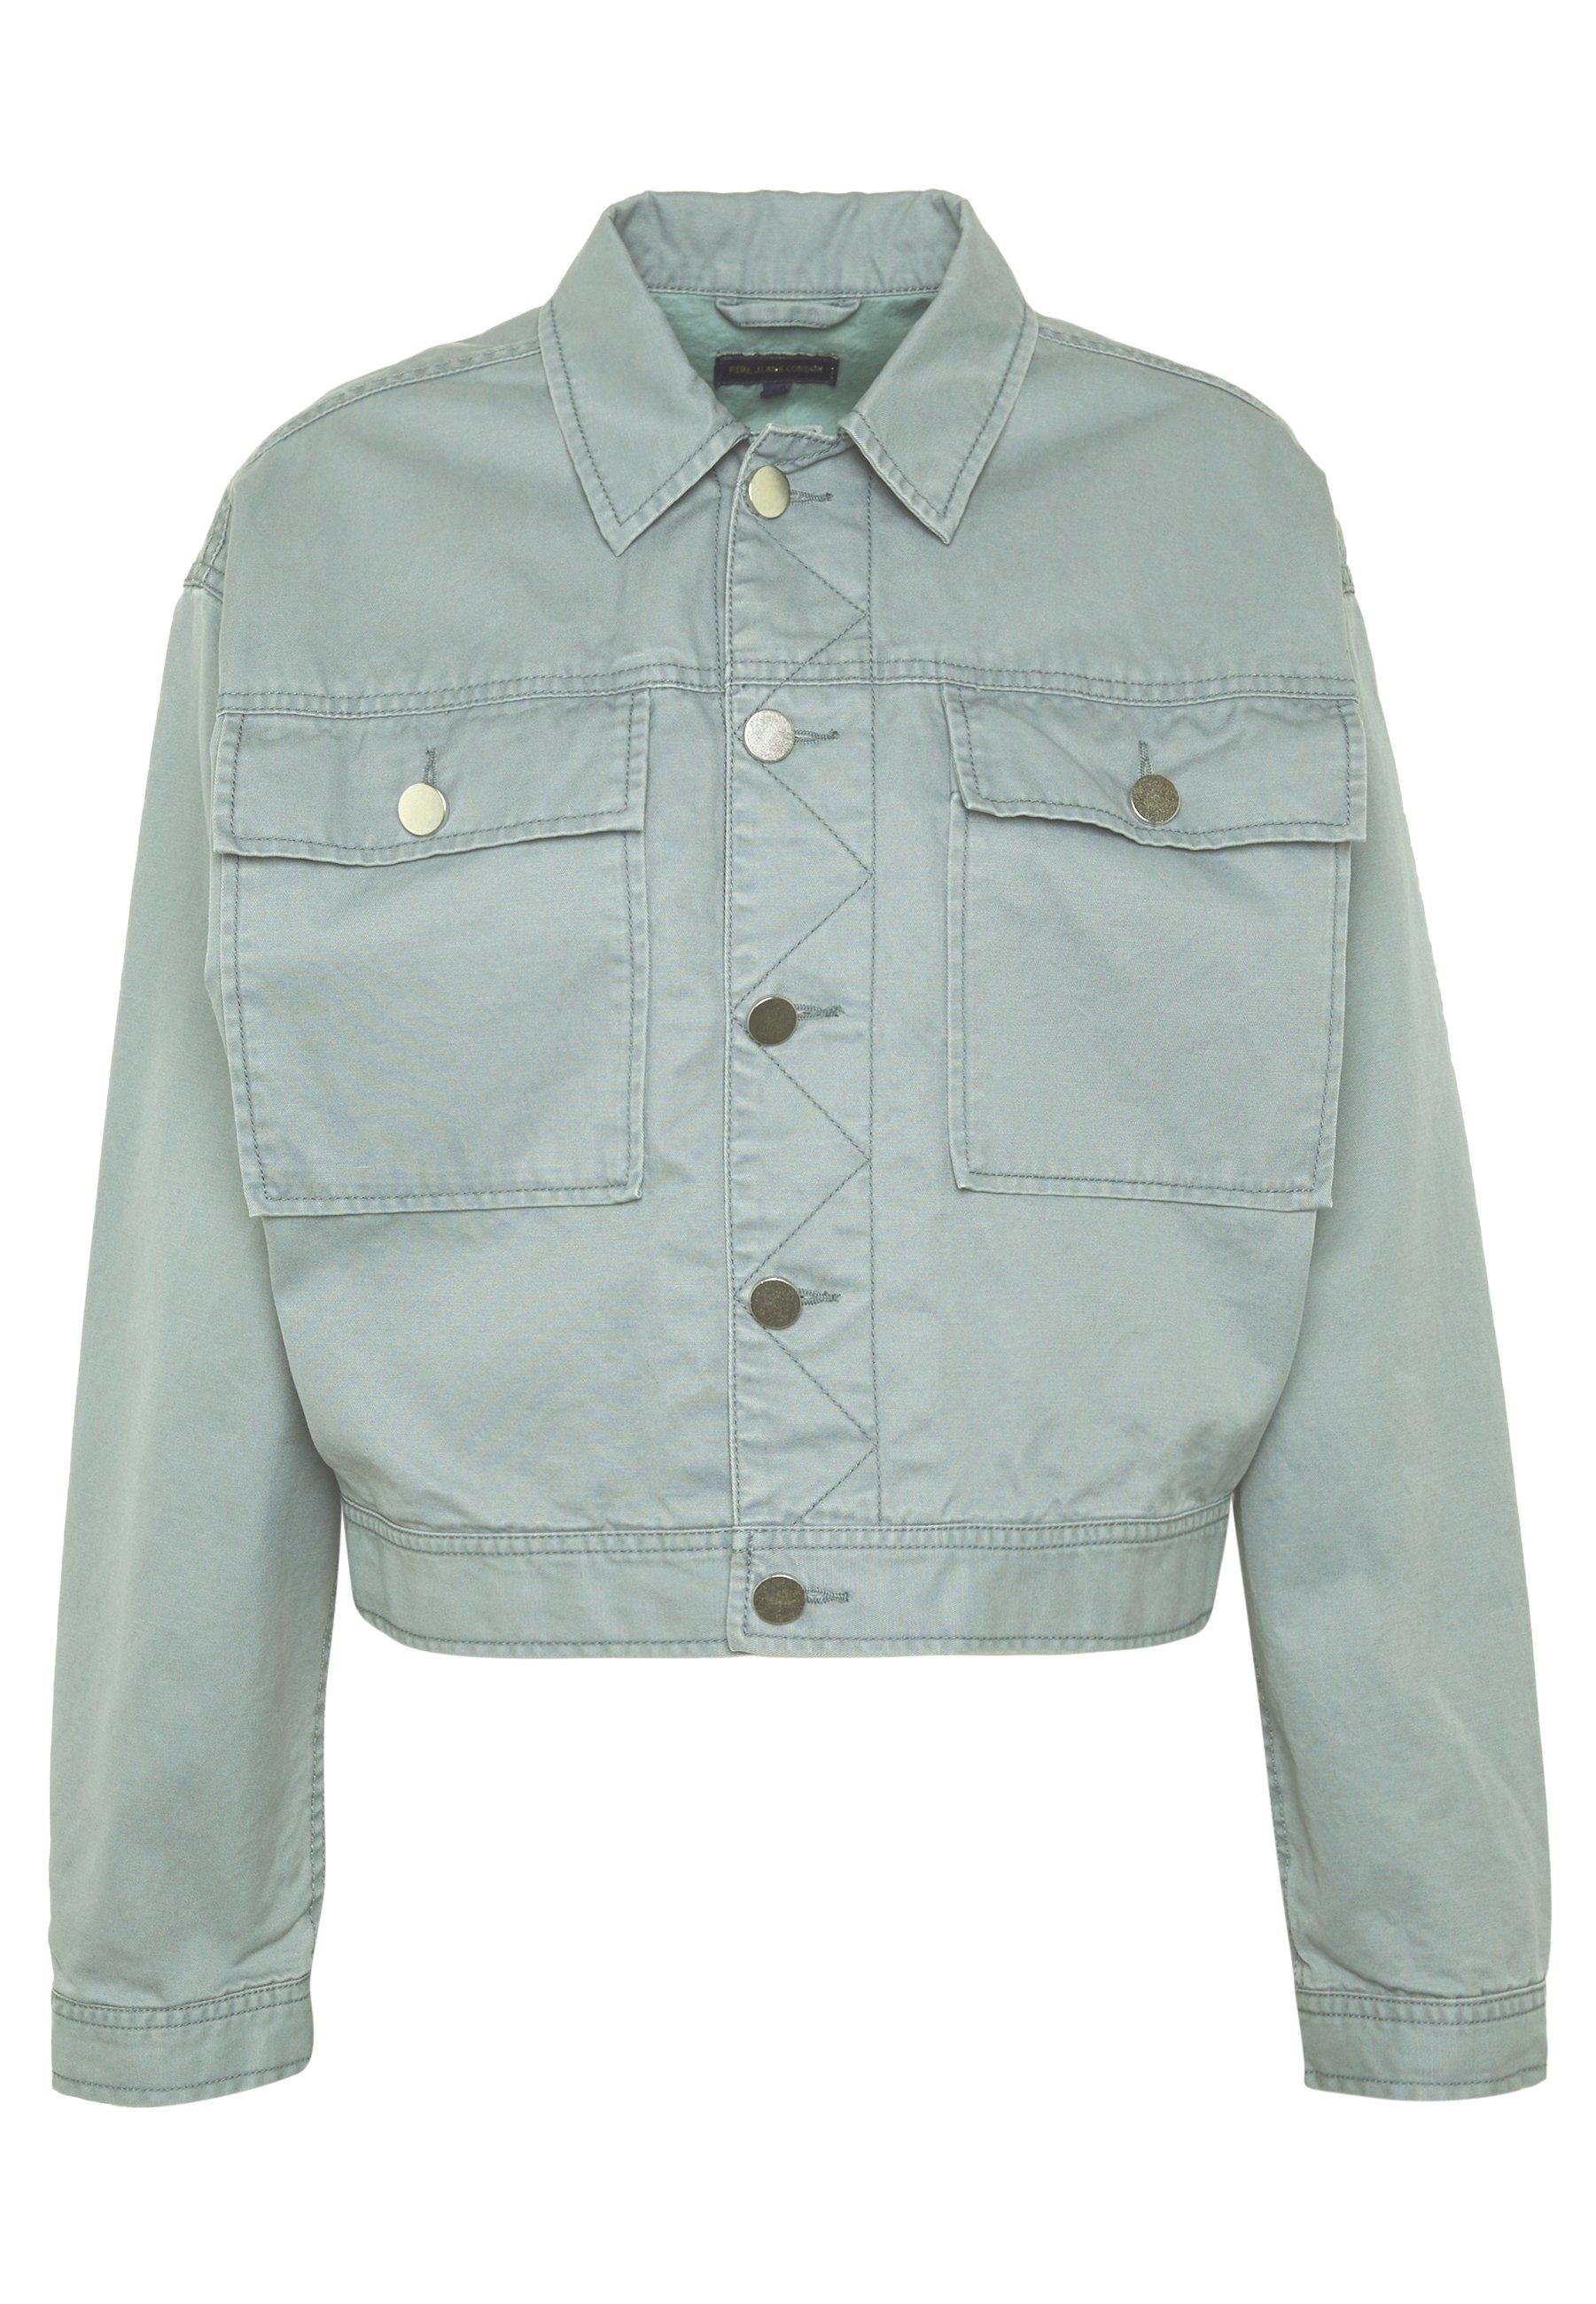 Pepe Jeans Tuxen Jacket - Jeansjacka Laurel Green